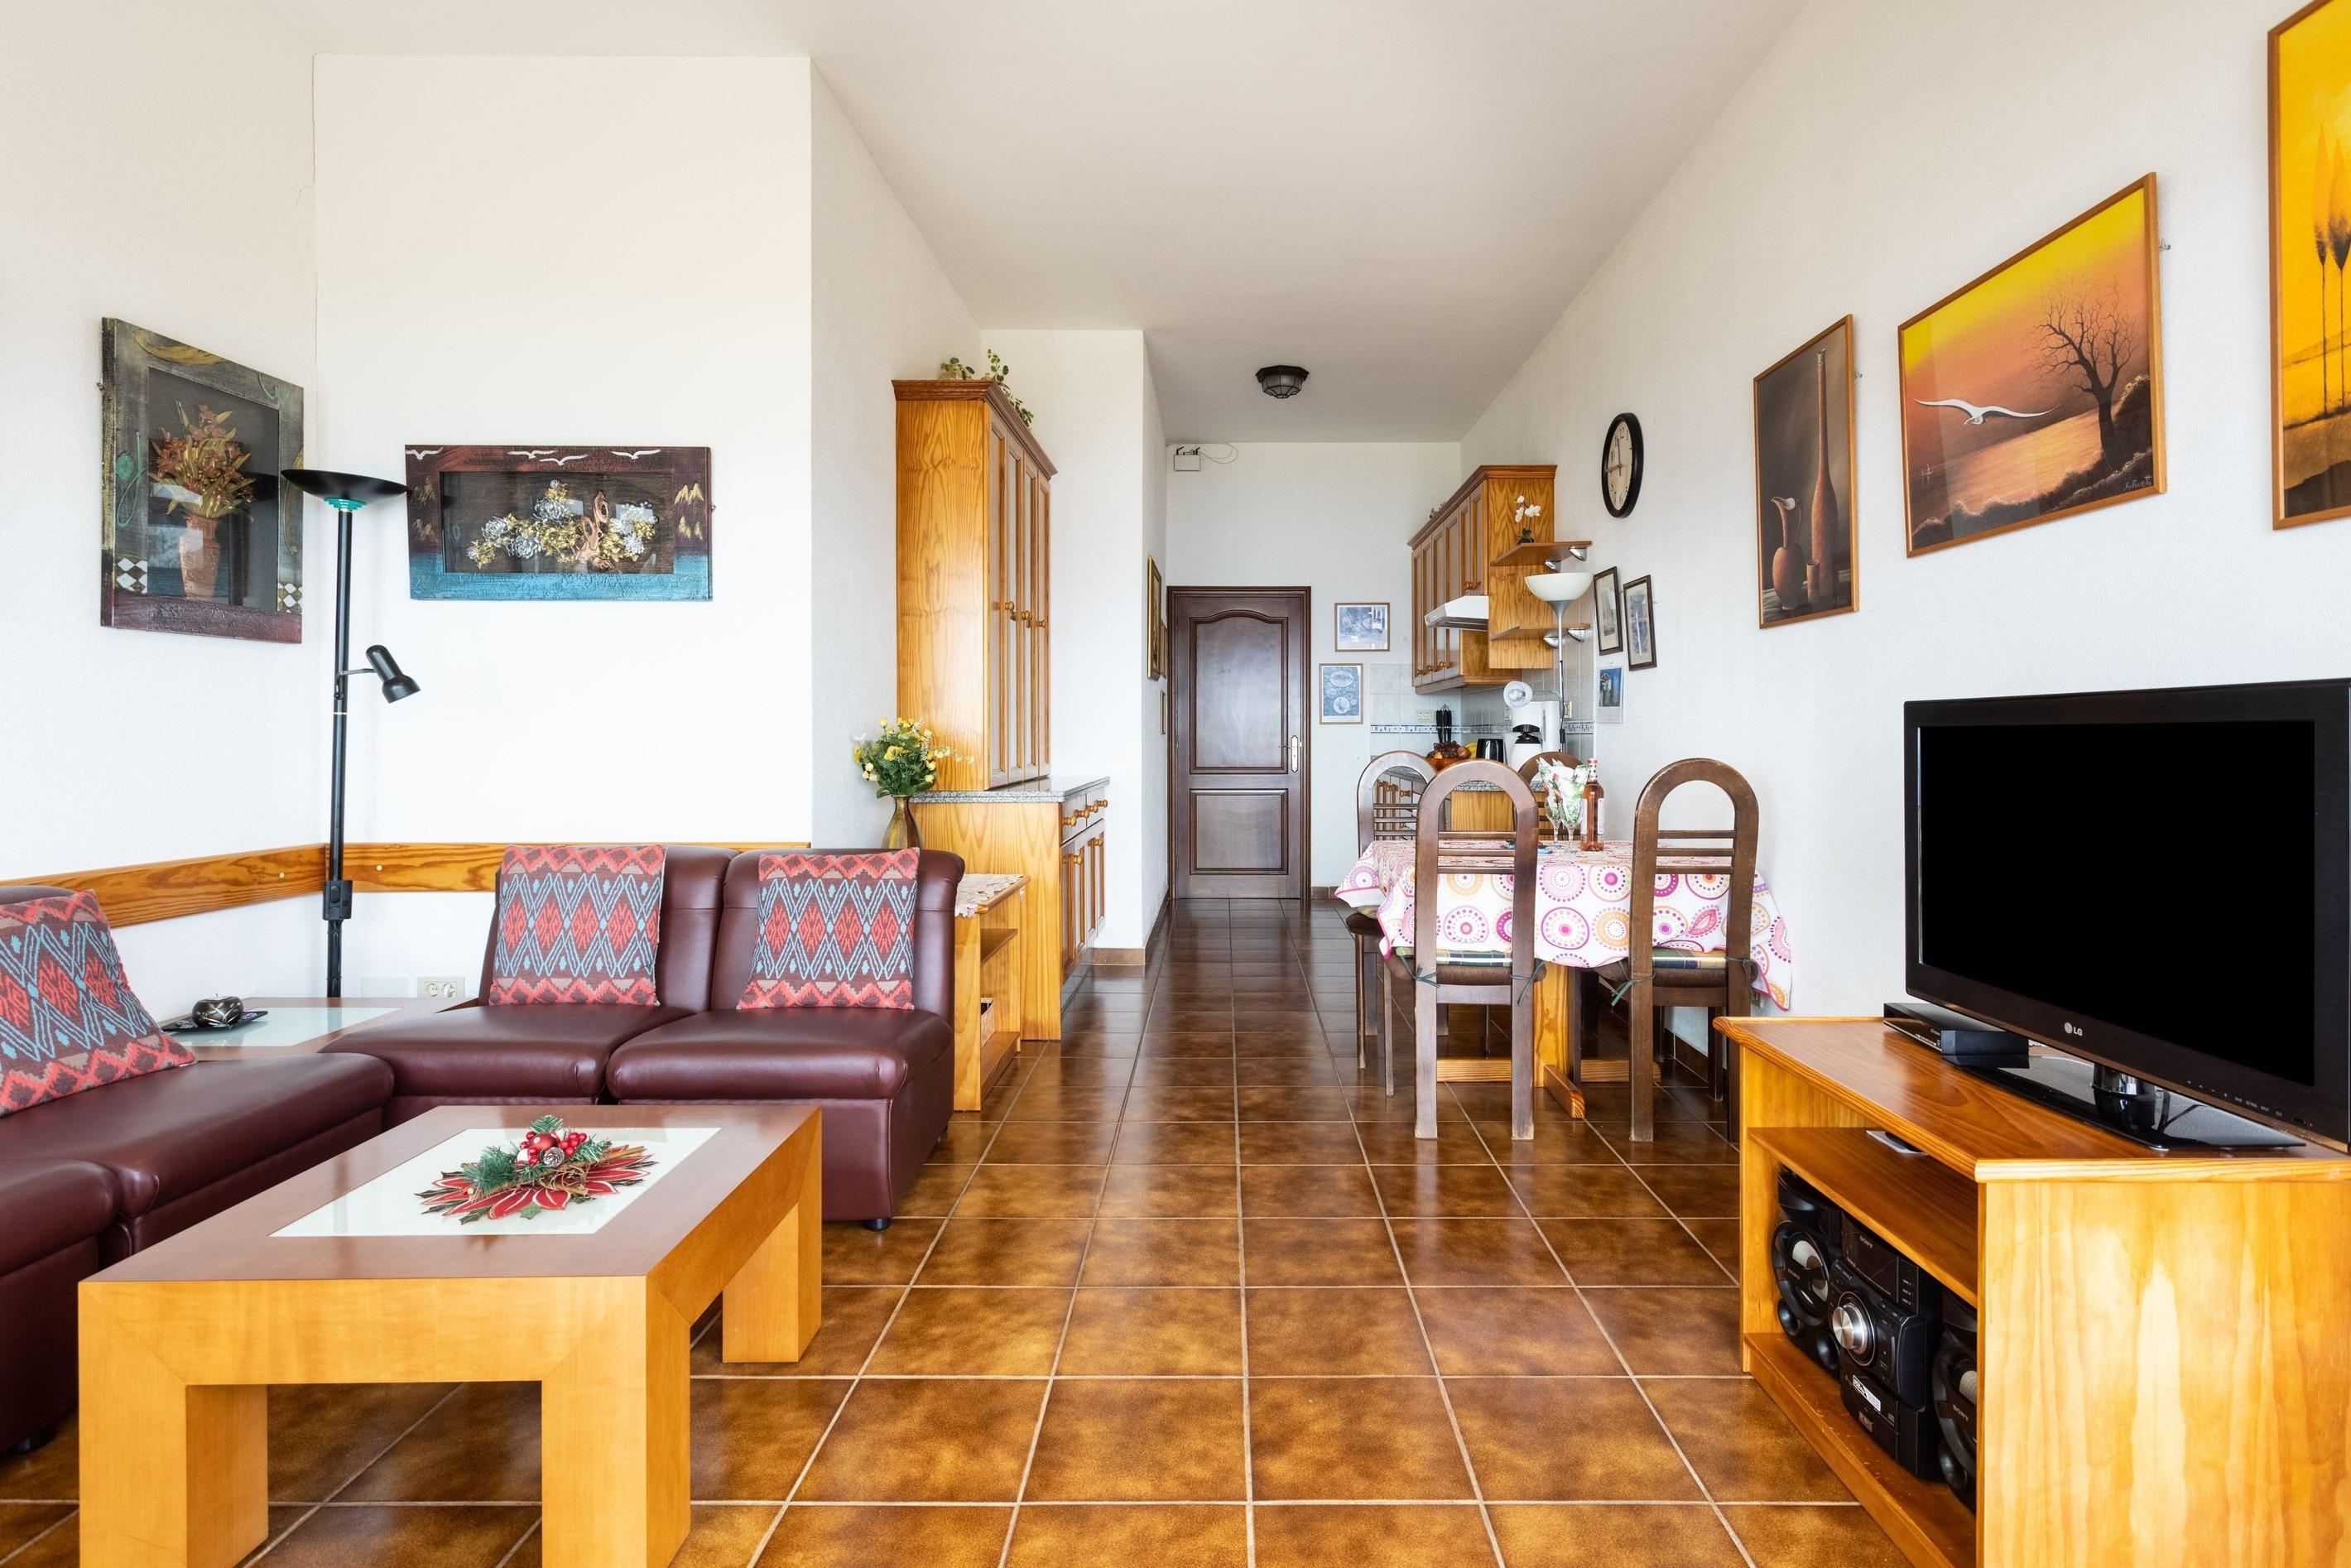 Appartement de vacances Fewo Solymar, mit 2 Schlafzimmern, 2 Bädern, eigener Terrasse und Garten, Meerblick, Pool, (2492986), Santa Ursula, Ténérife, Iles Canaries, Espagne, image 3